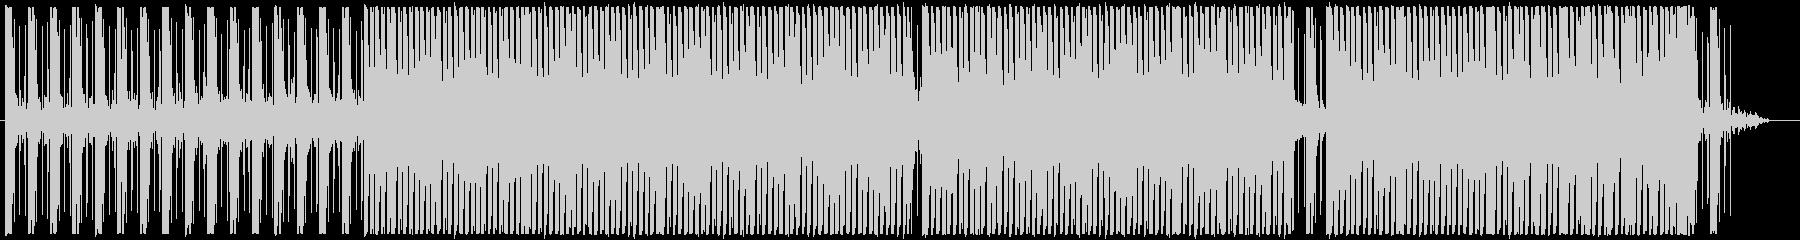 Techno01・怪しい・暗い・急ぐの未再生の波形